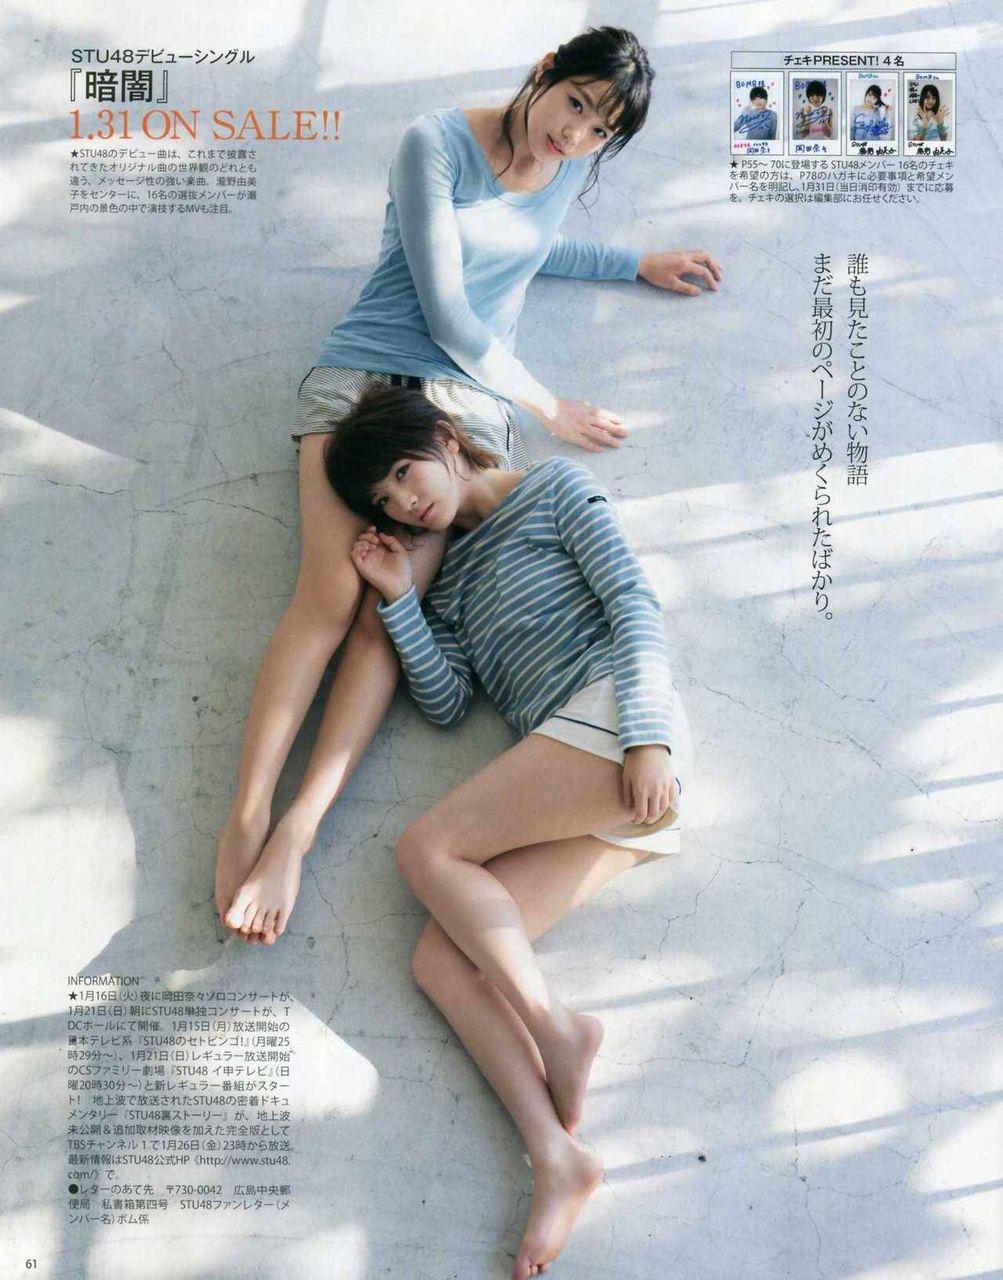 瀧野由美子エロ画像타키노유미코야사tumblr_p2av7eC14X1wam9ggo7_1280